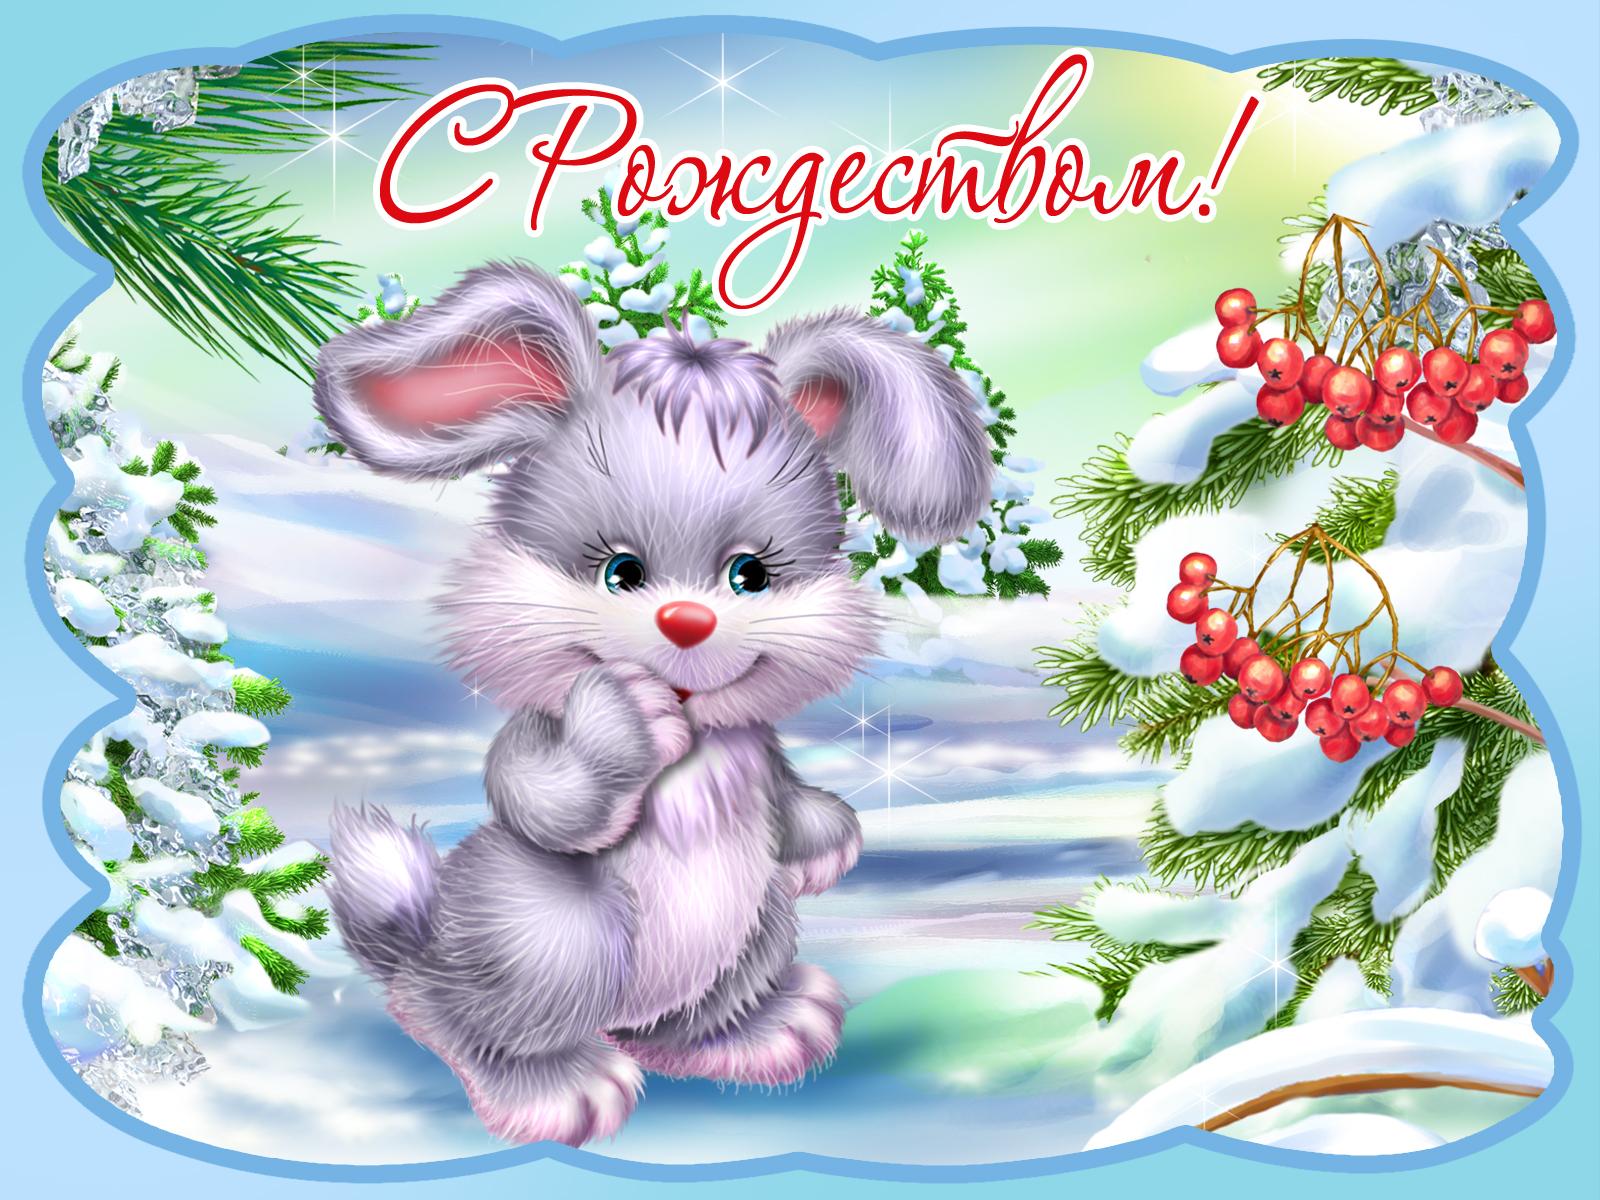 Днем рождения, открытки с добрым праздничным утром рождества